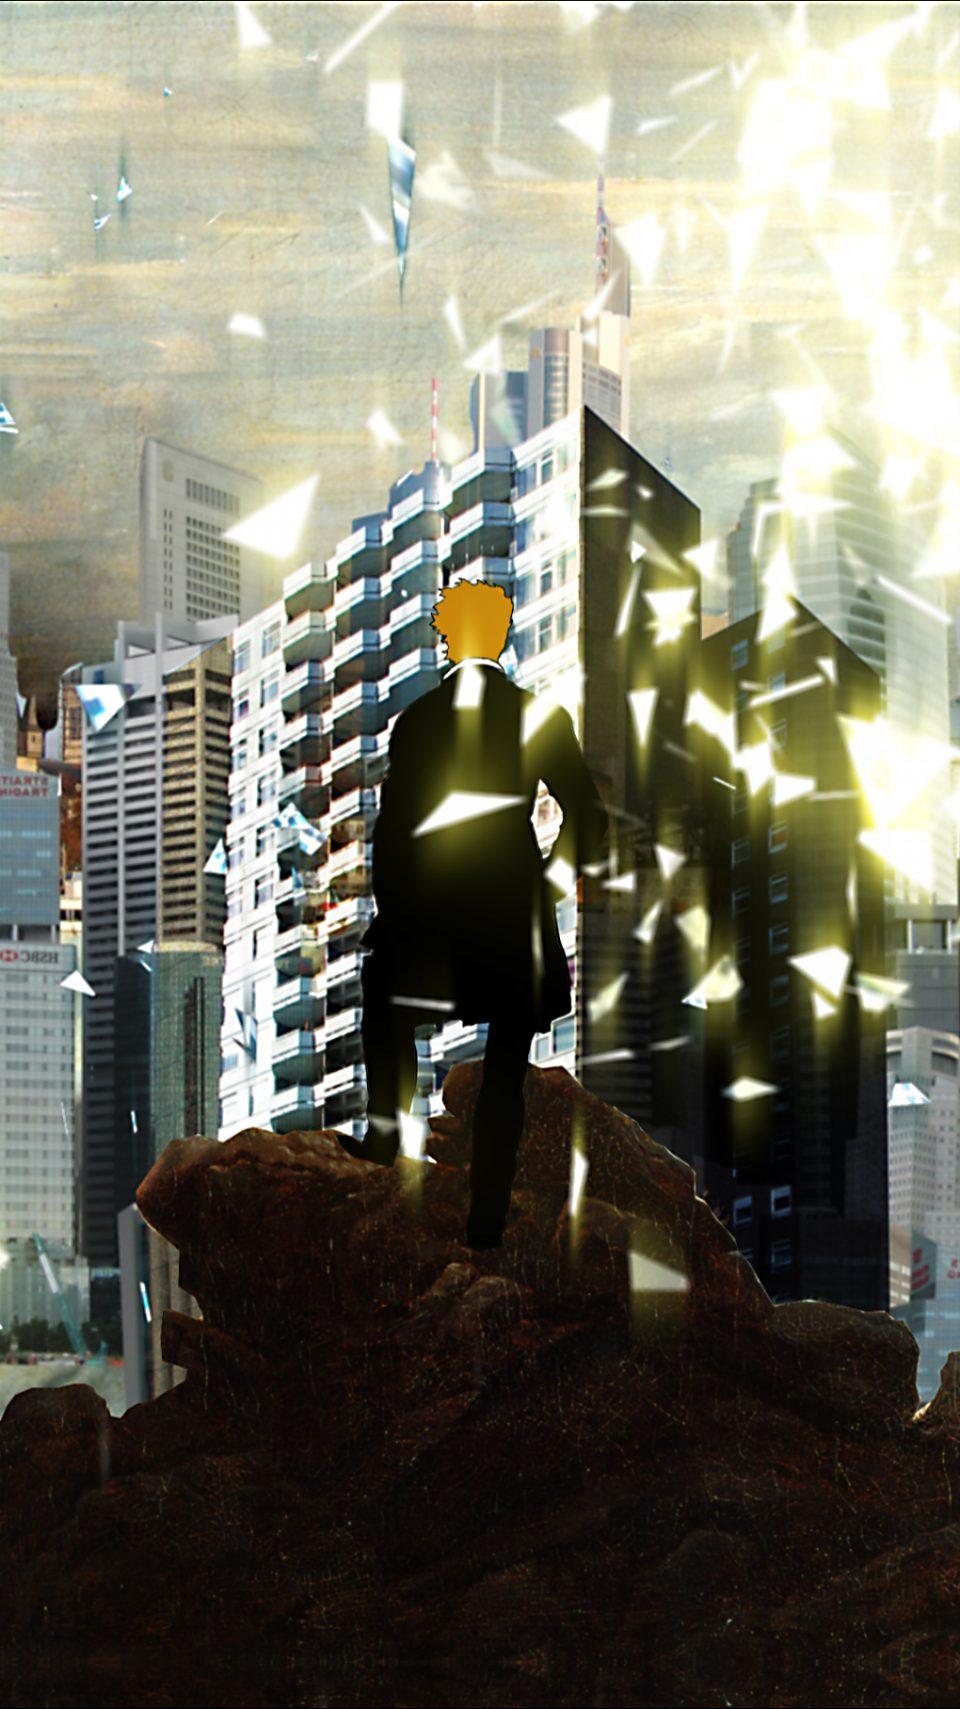 Der Wanderer | Johannes Karl | Videoanimation | Full-HD, Portrait | loop | 2012